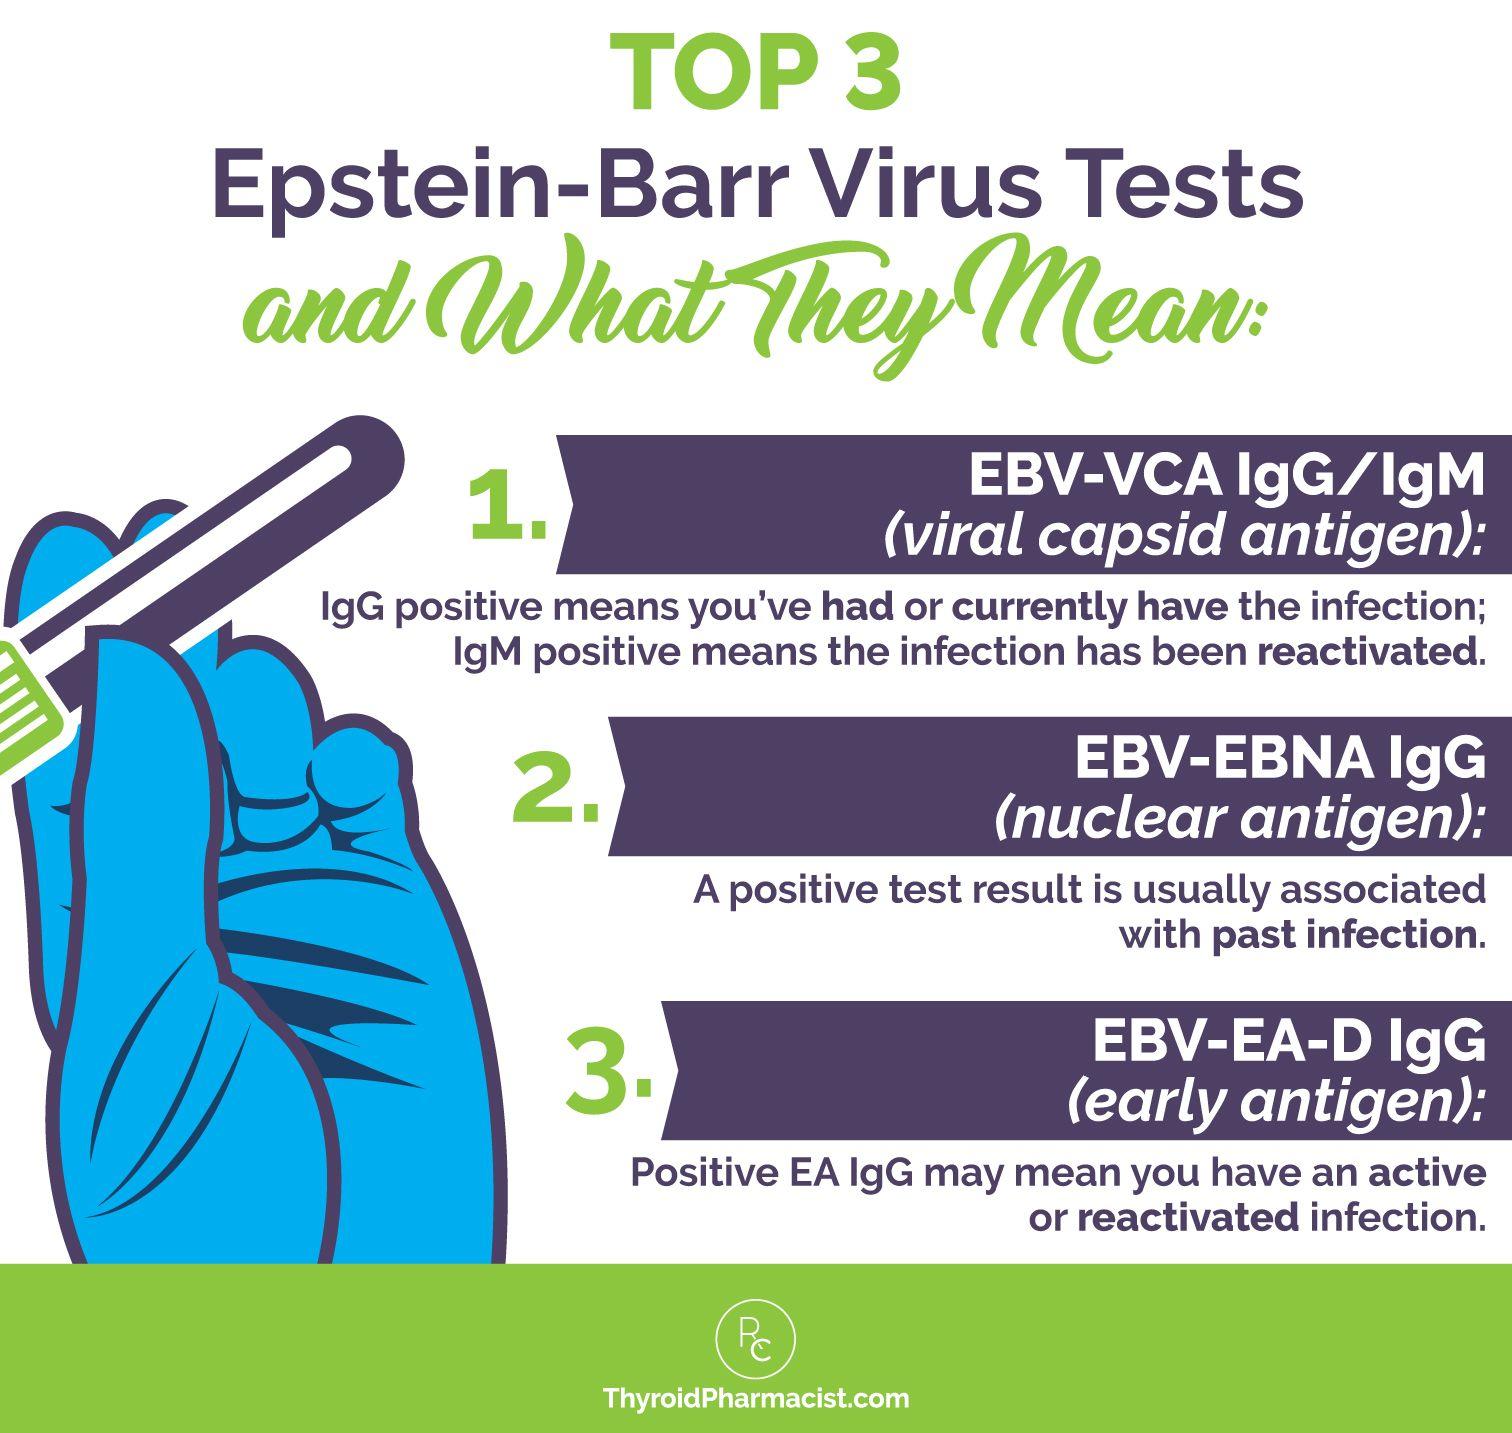 3fa0c077d20ad879138eb5a7b458b35e - How To Get Rid Of Chronic Epstein Barr Virus